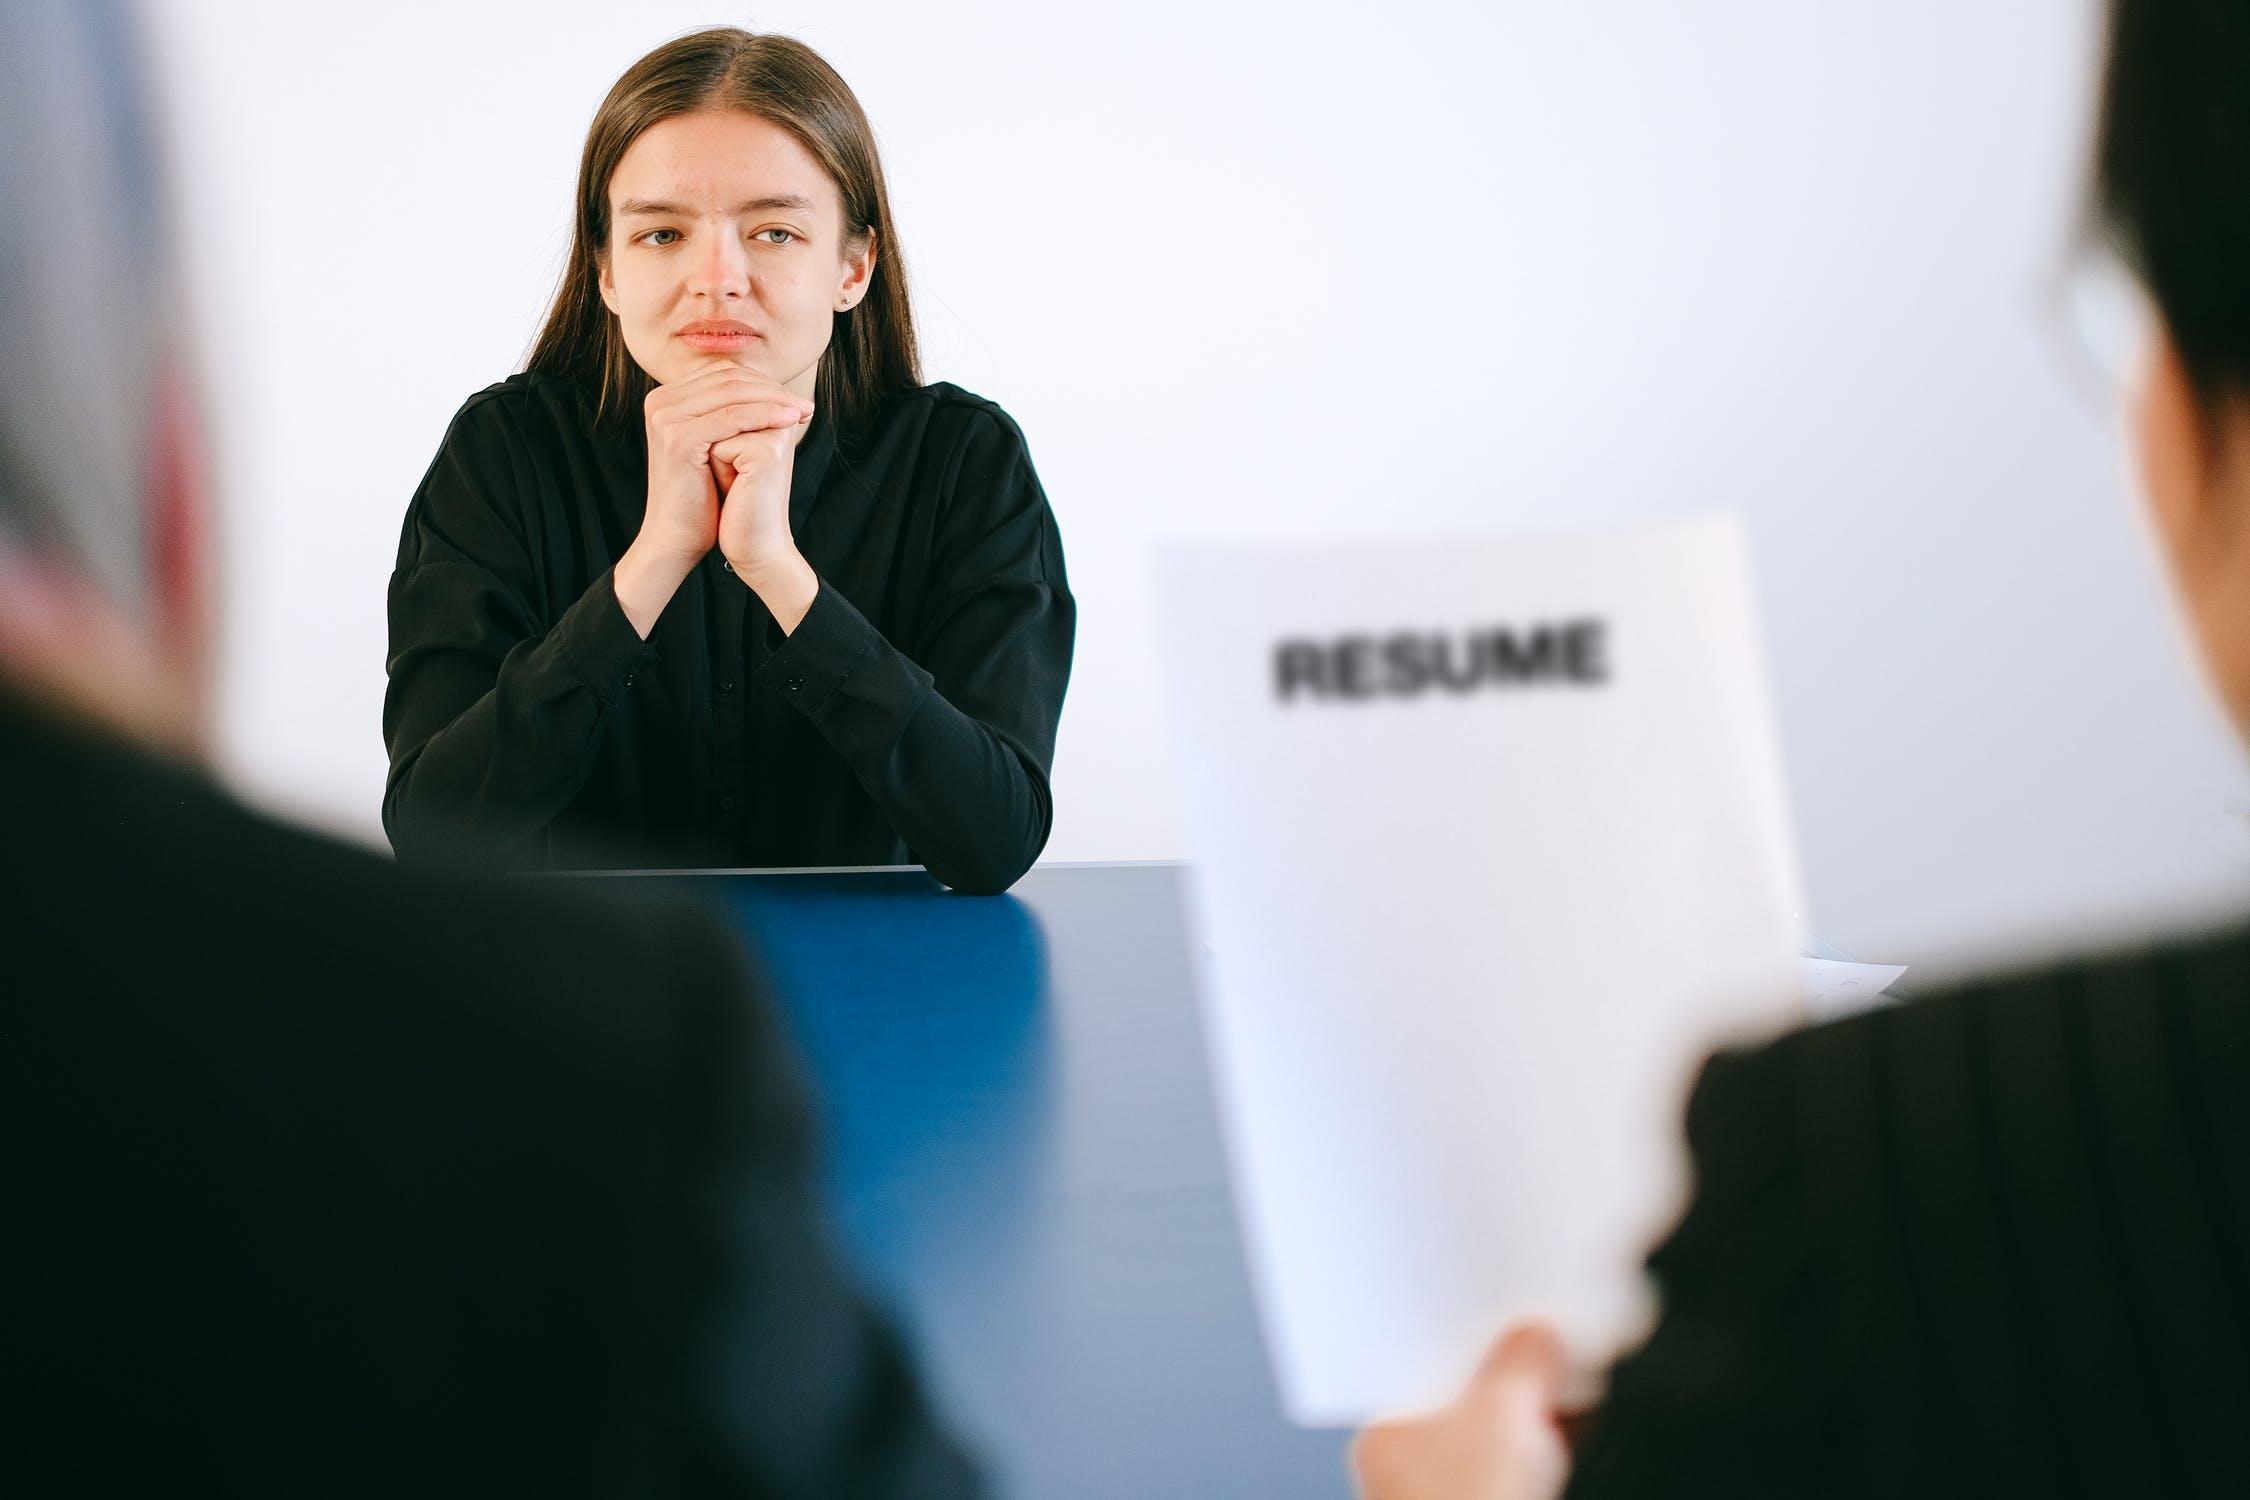 懒人包|想找工作怎么找?想换工作好不安!各种「求职大哉问」插图3